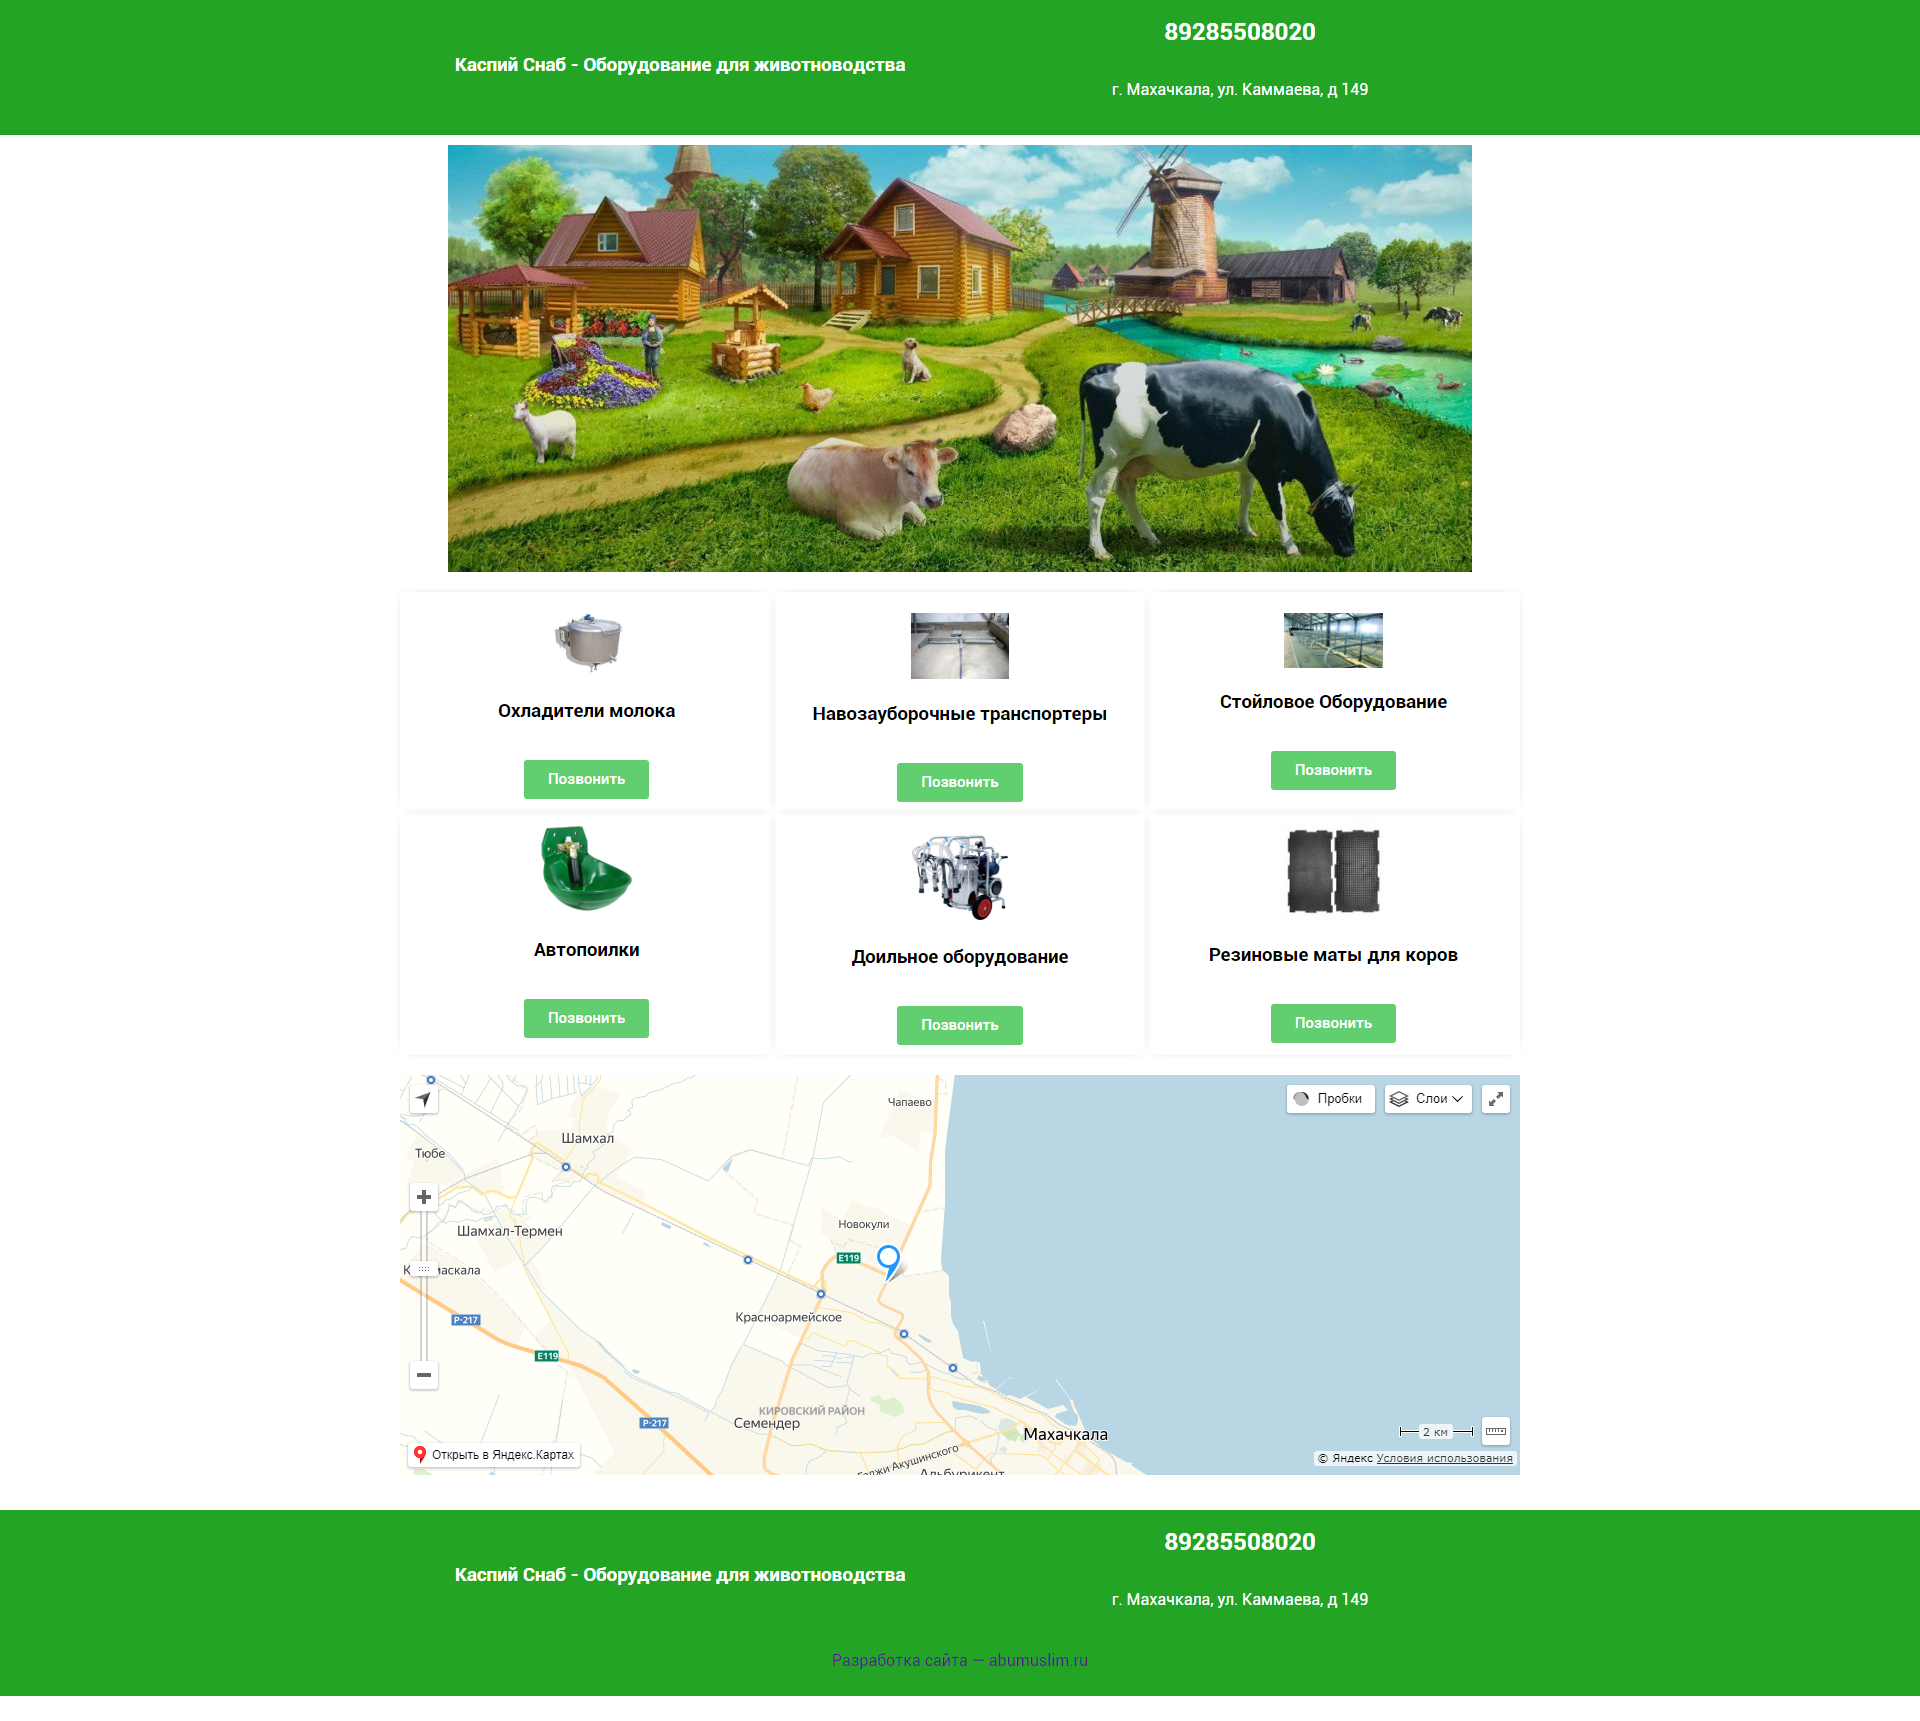 КаспийСнаб - оборудование для животноводства